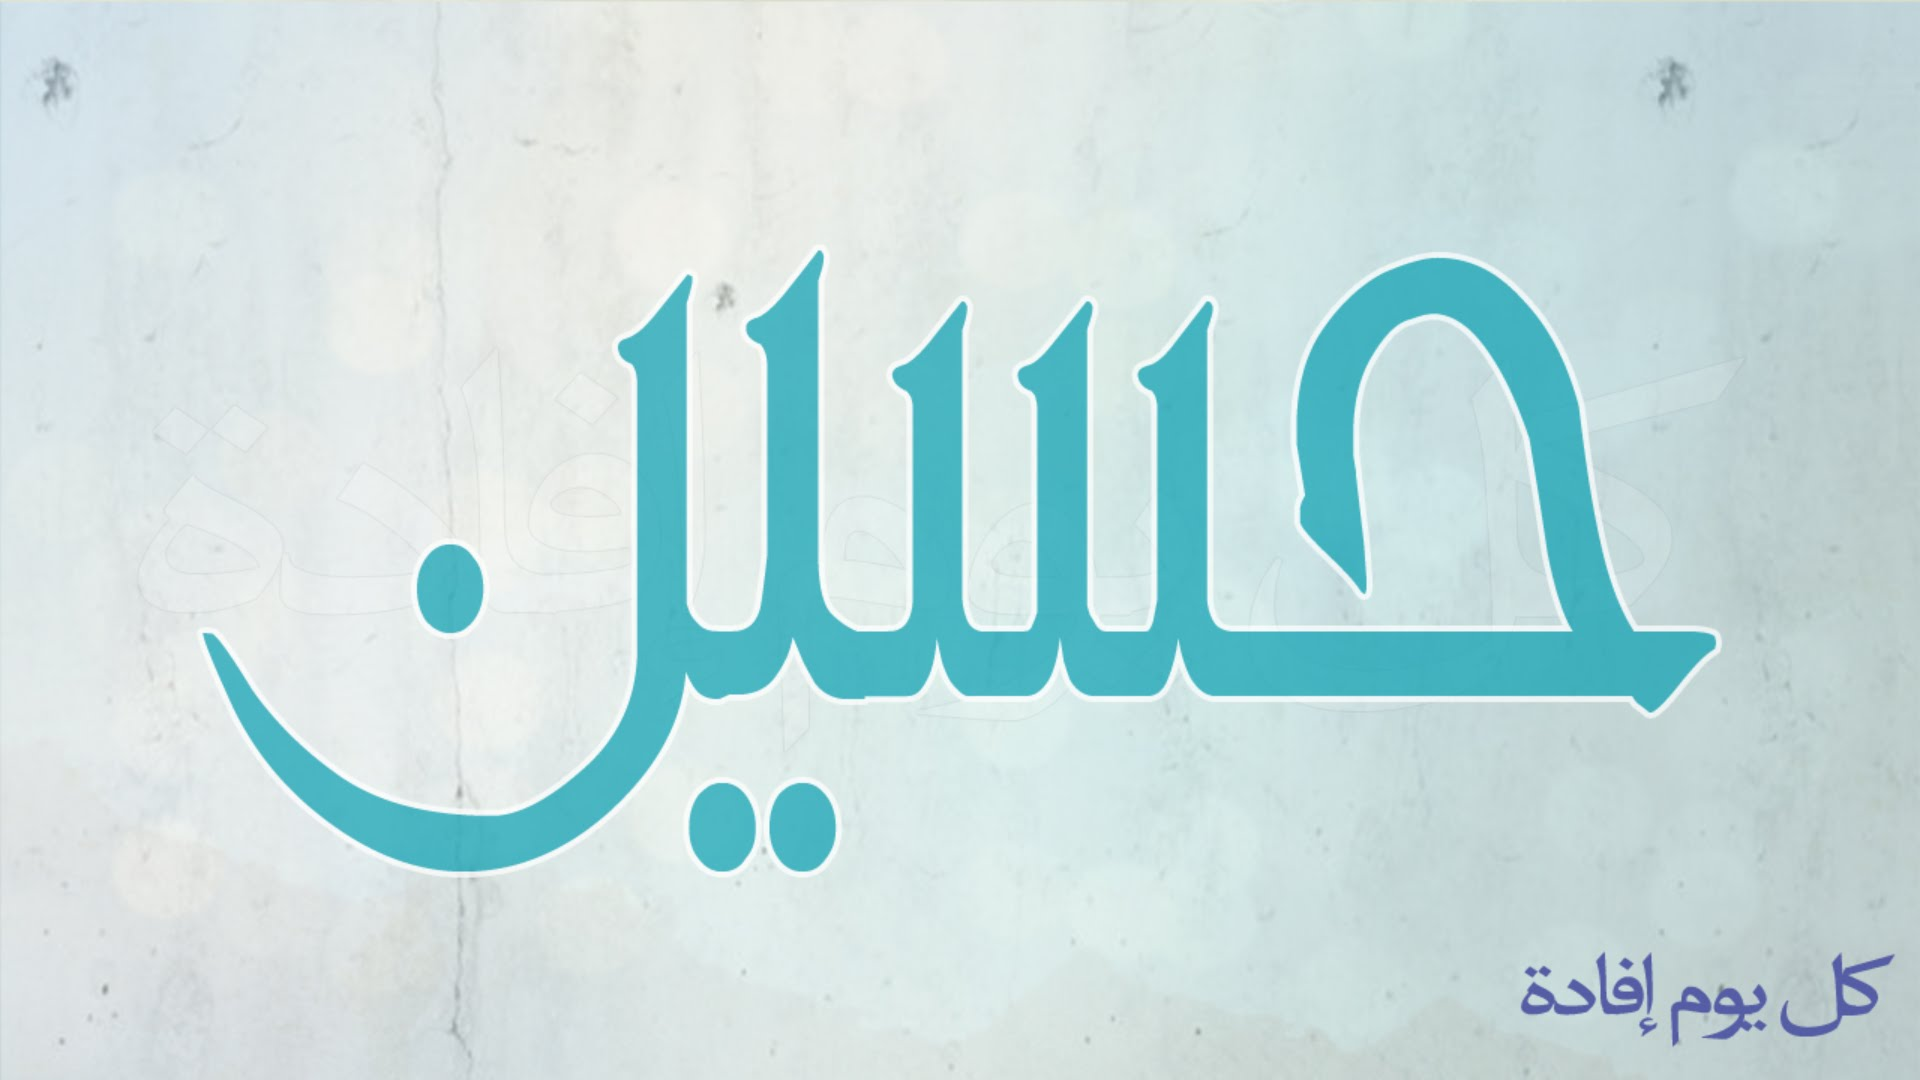 صور صور اسم حسين , خلفية رائعة مكتوبة